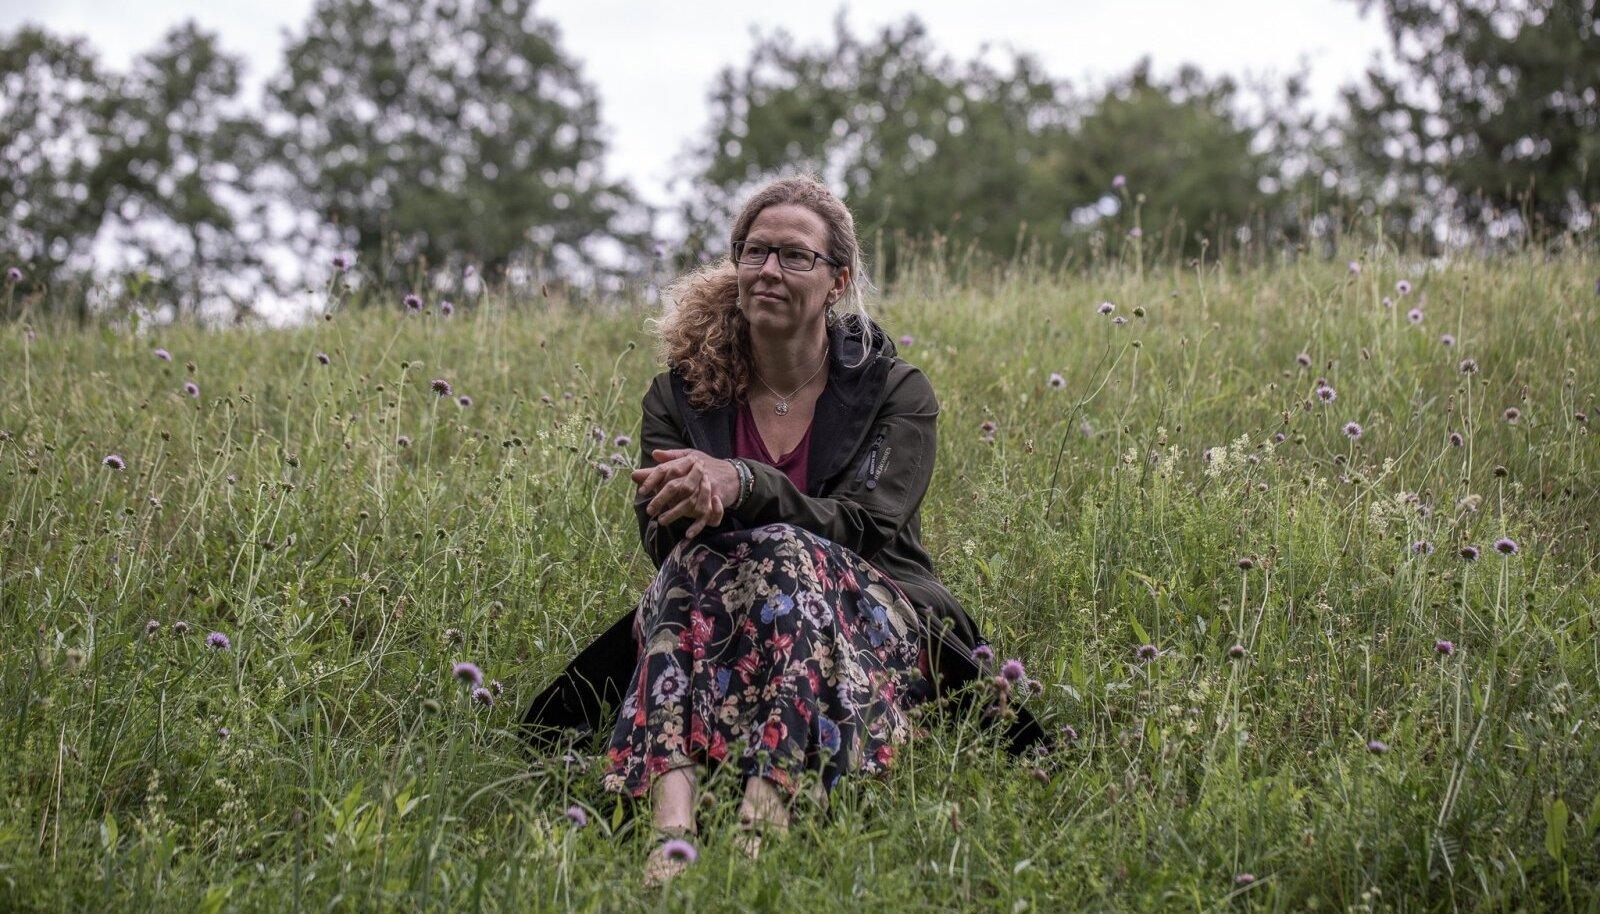 Tartu Ülikooli ökoloog, bioloogiaprofessor Aveliina Helm ütleb, et elurikkust ehk kogu looduse mitmekesisust meie ümber ei saa hoida vaid looduskaitsealade abiga.